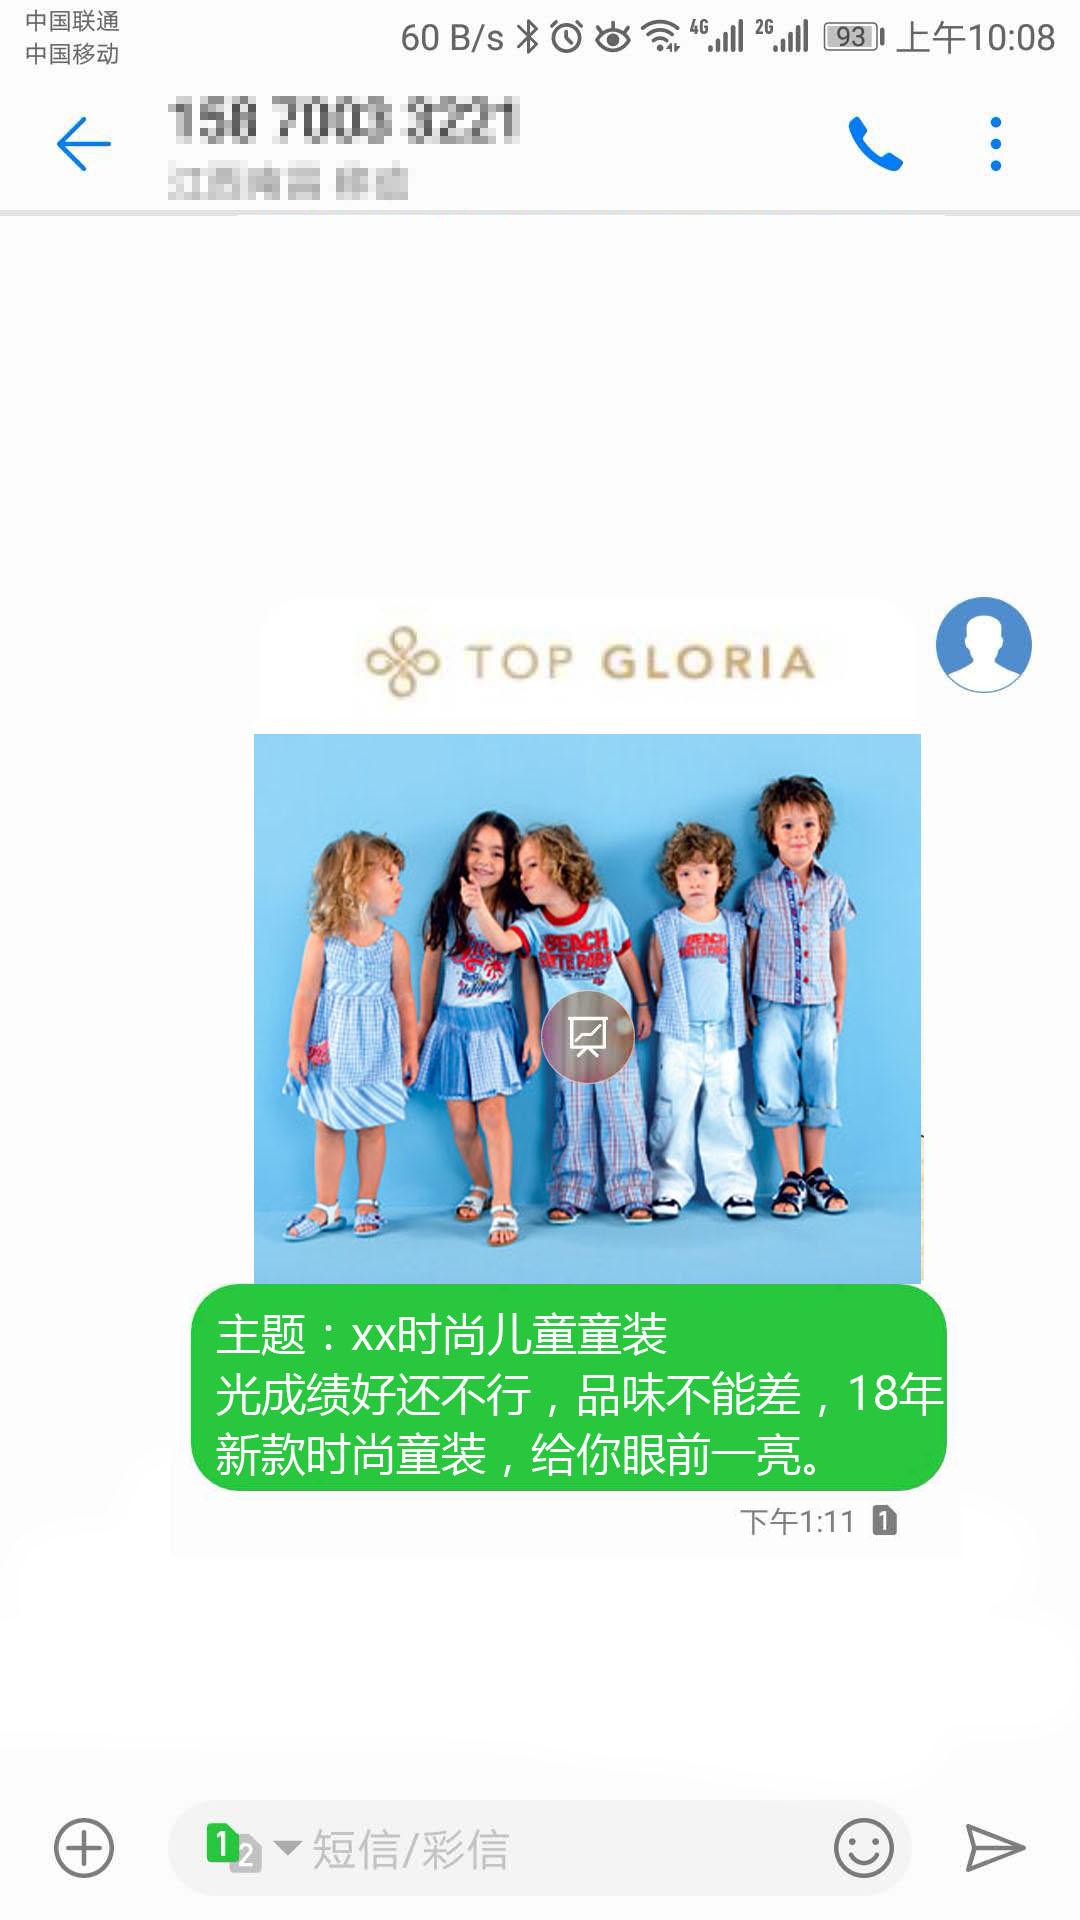 儿童节服装彩信群发接收显示